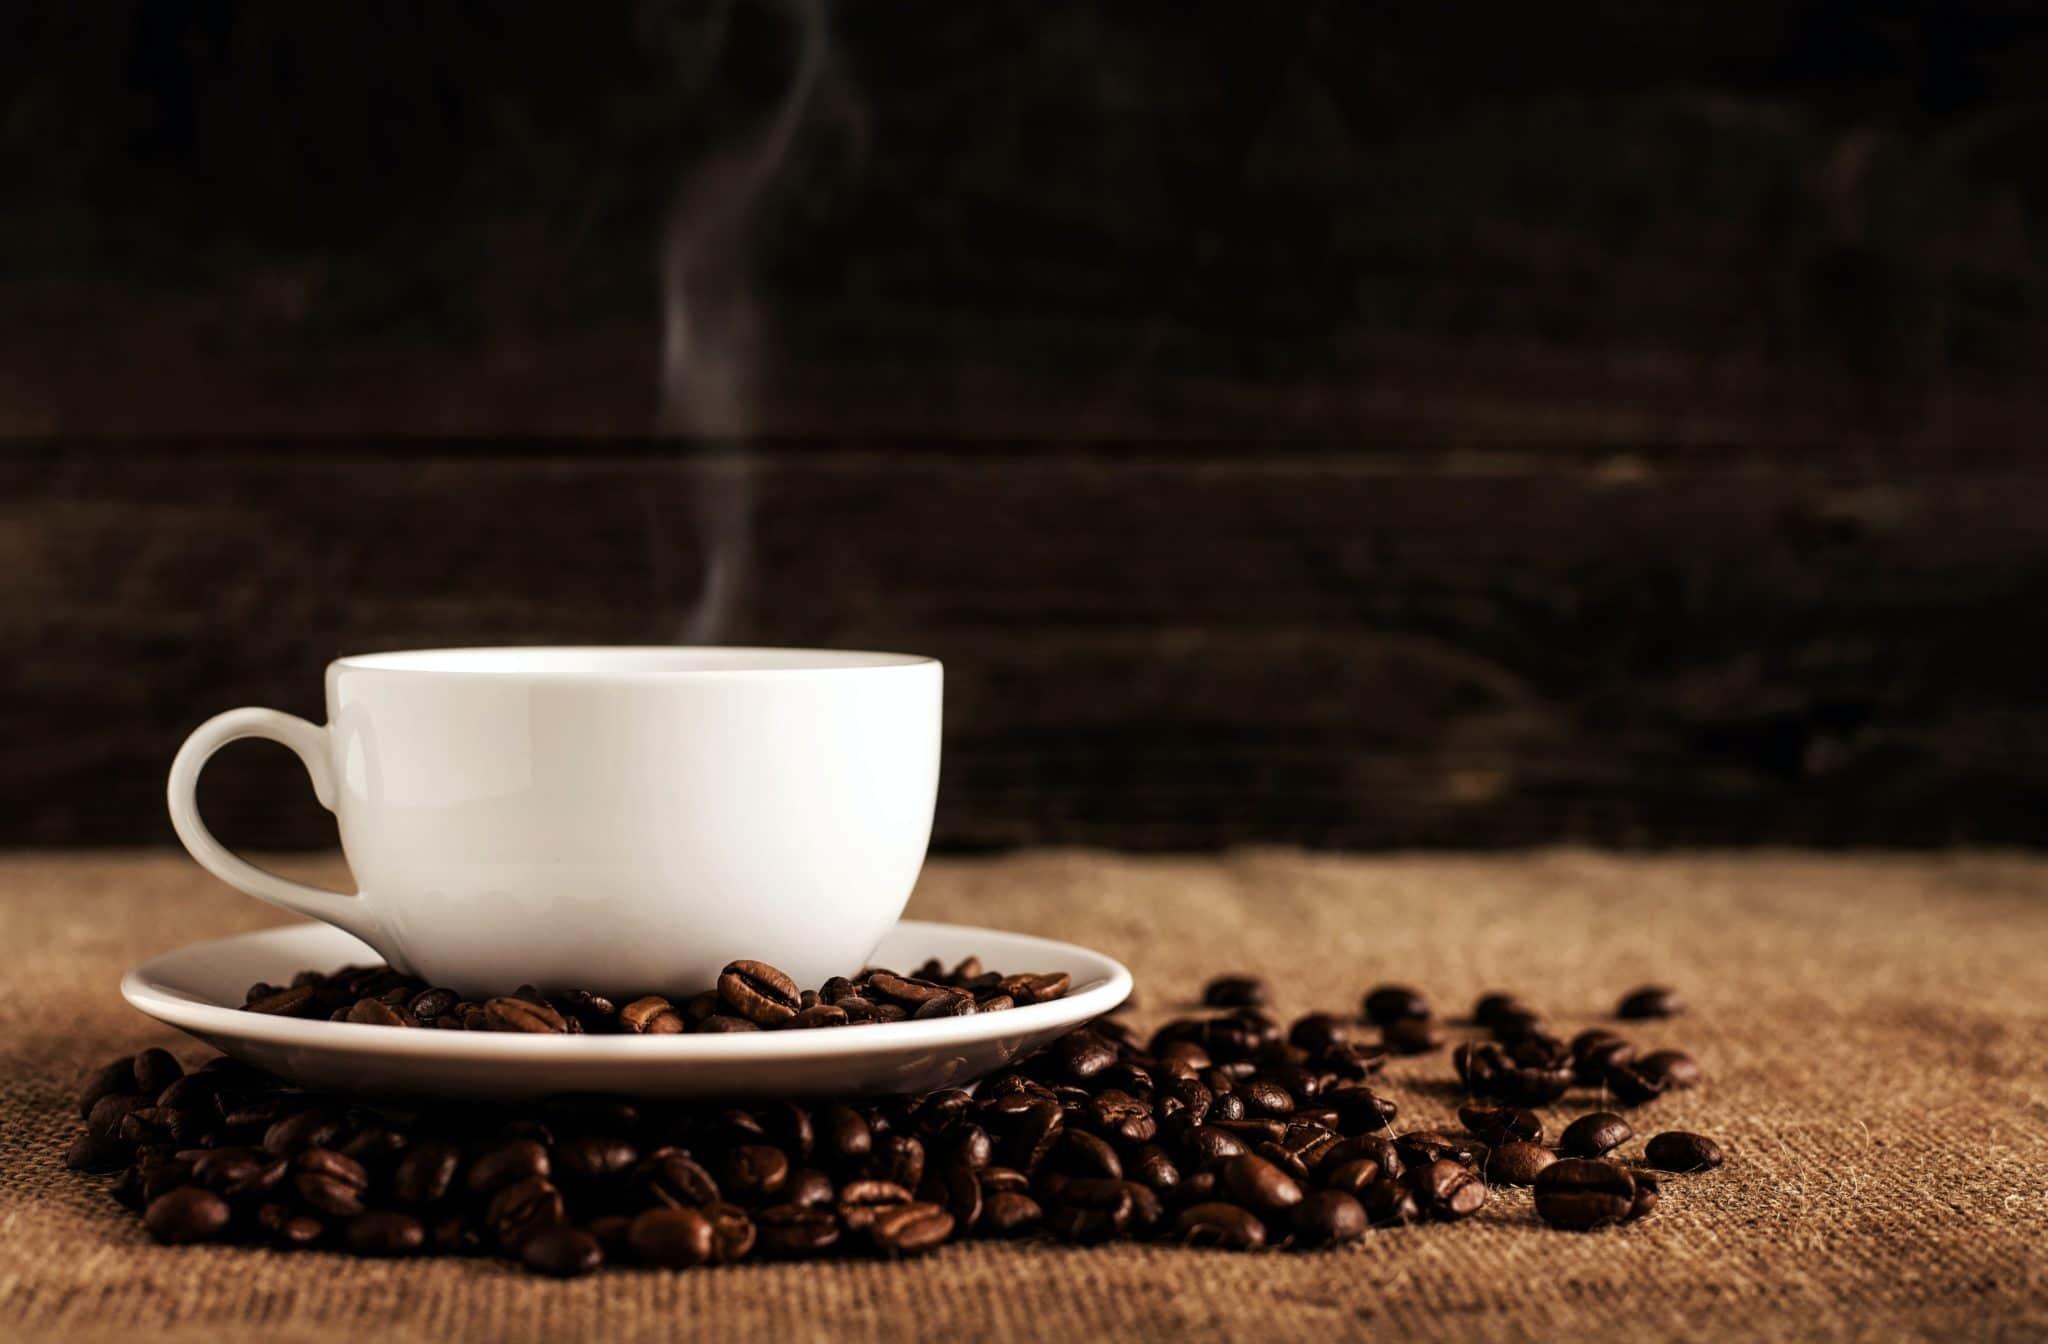 koffie damp koffiebonen